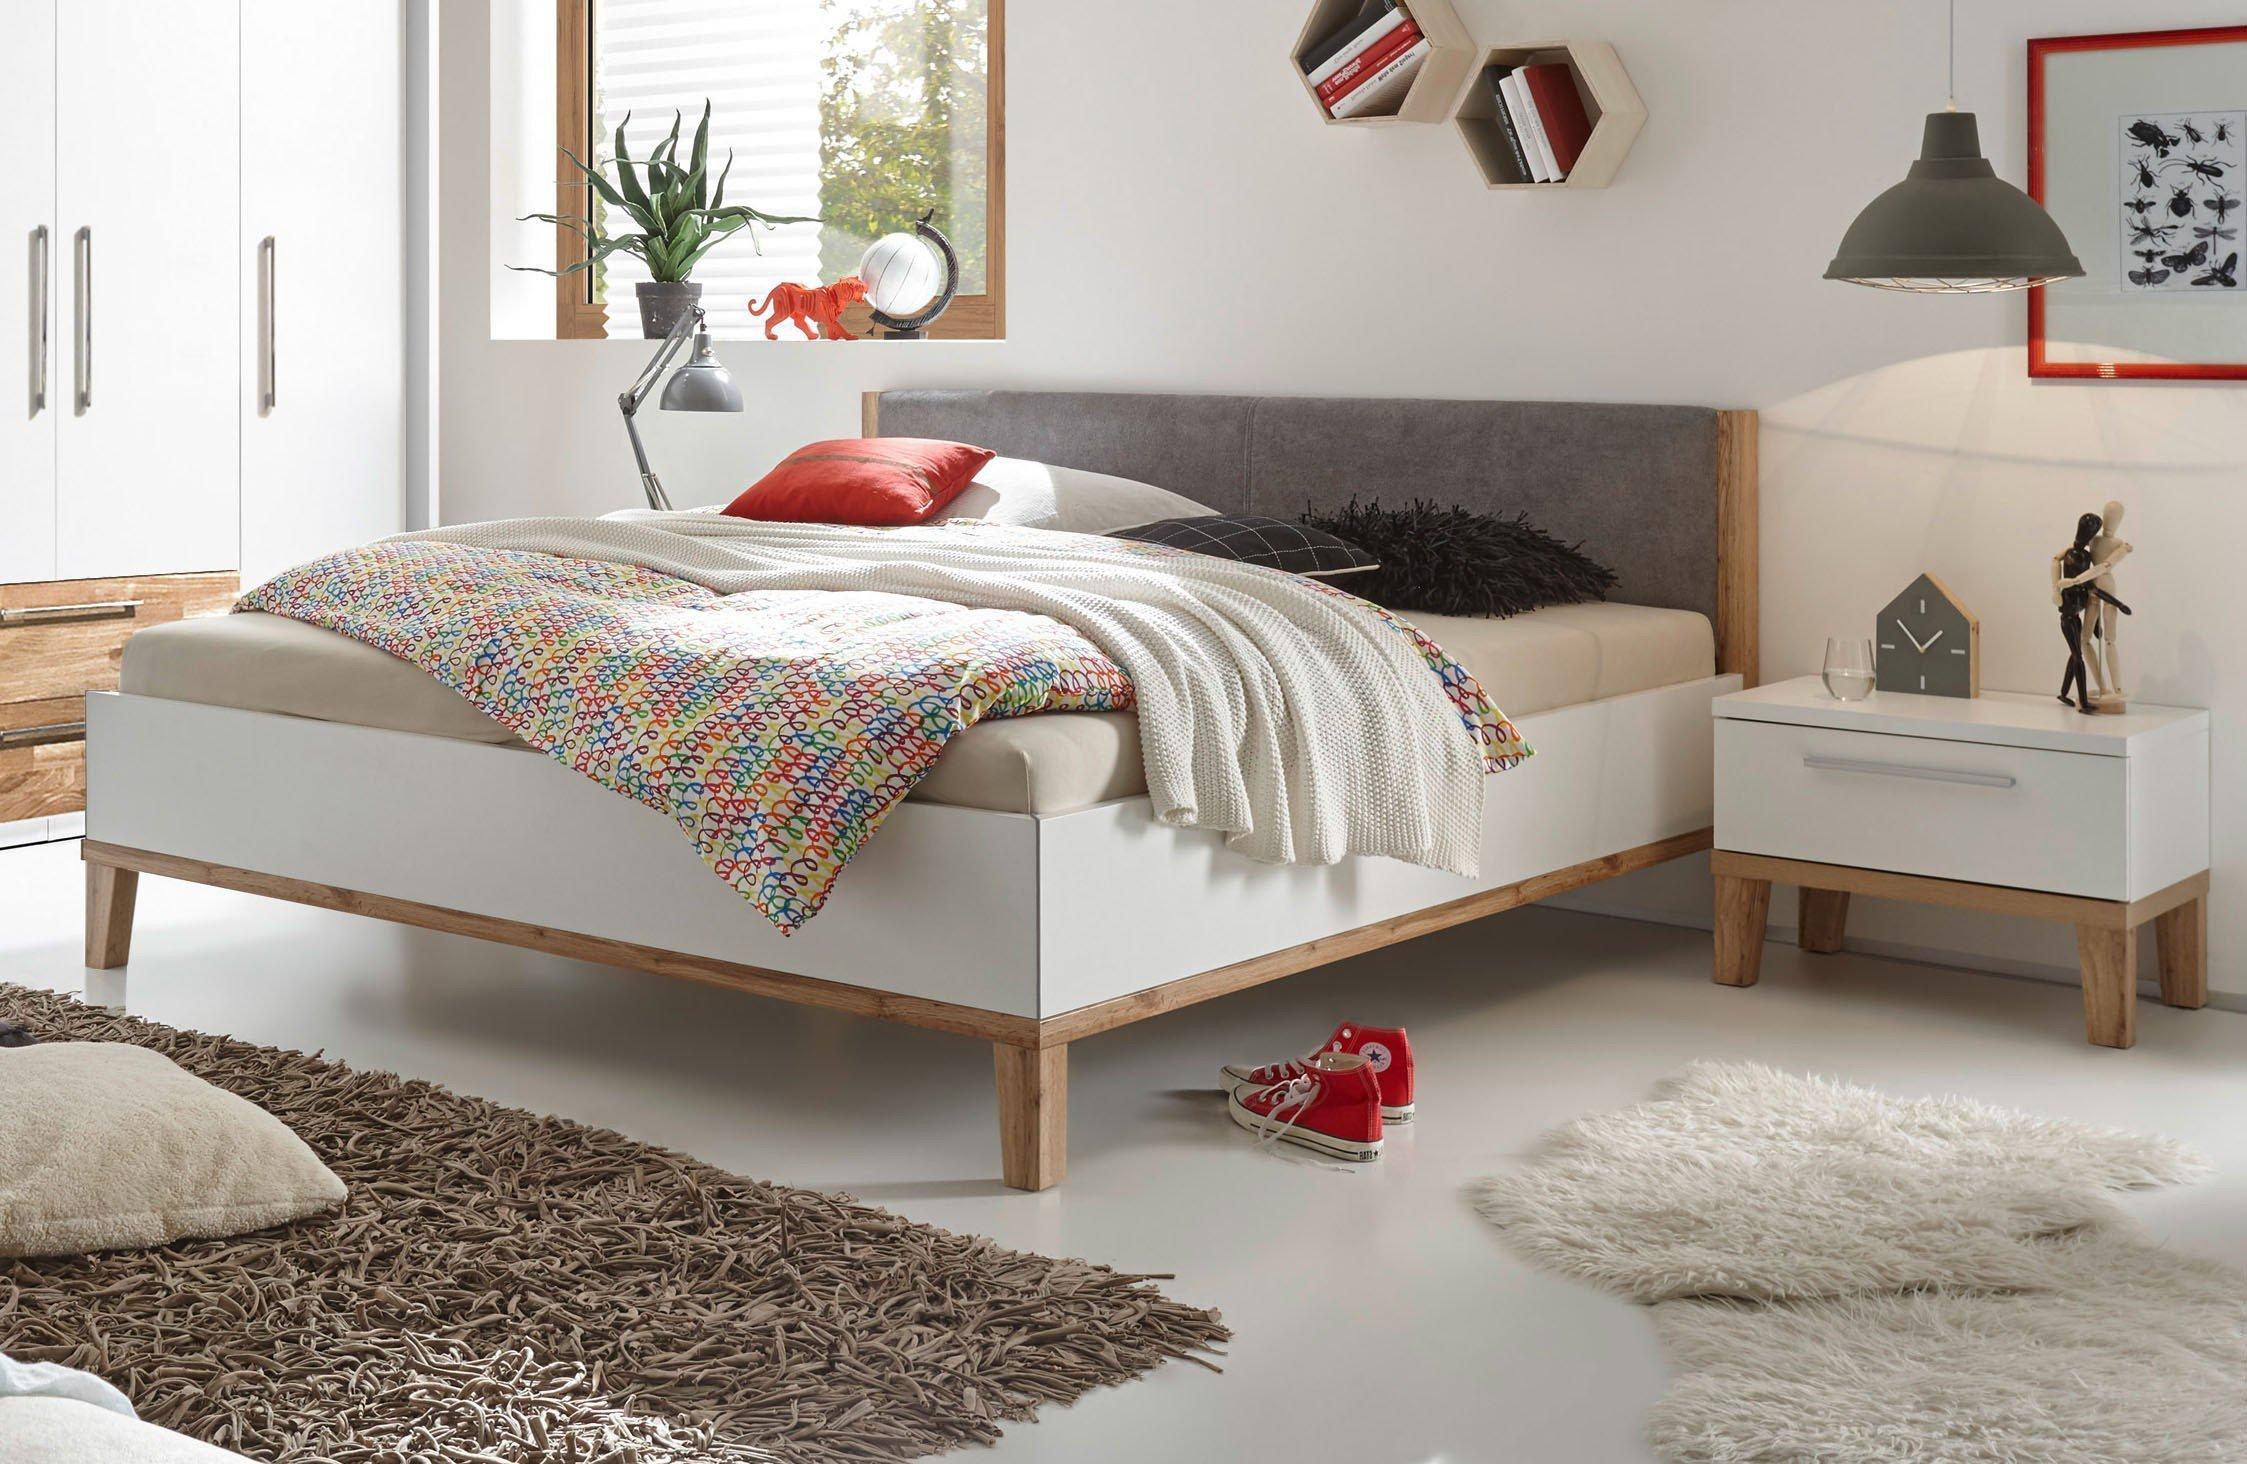 schlafkontor air schlafzimmer wei eiche m bel letz ihr online shop. Black Bedroom Furniture Sets. Home Design Ideas